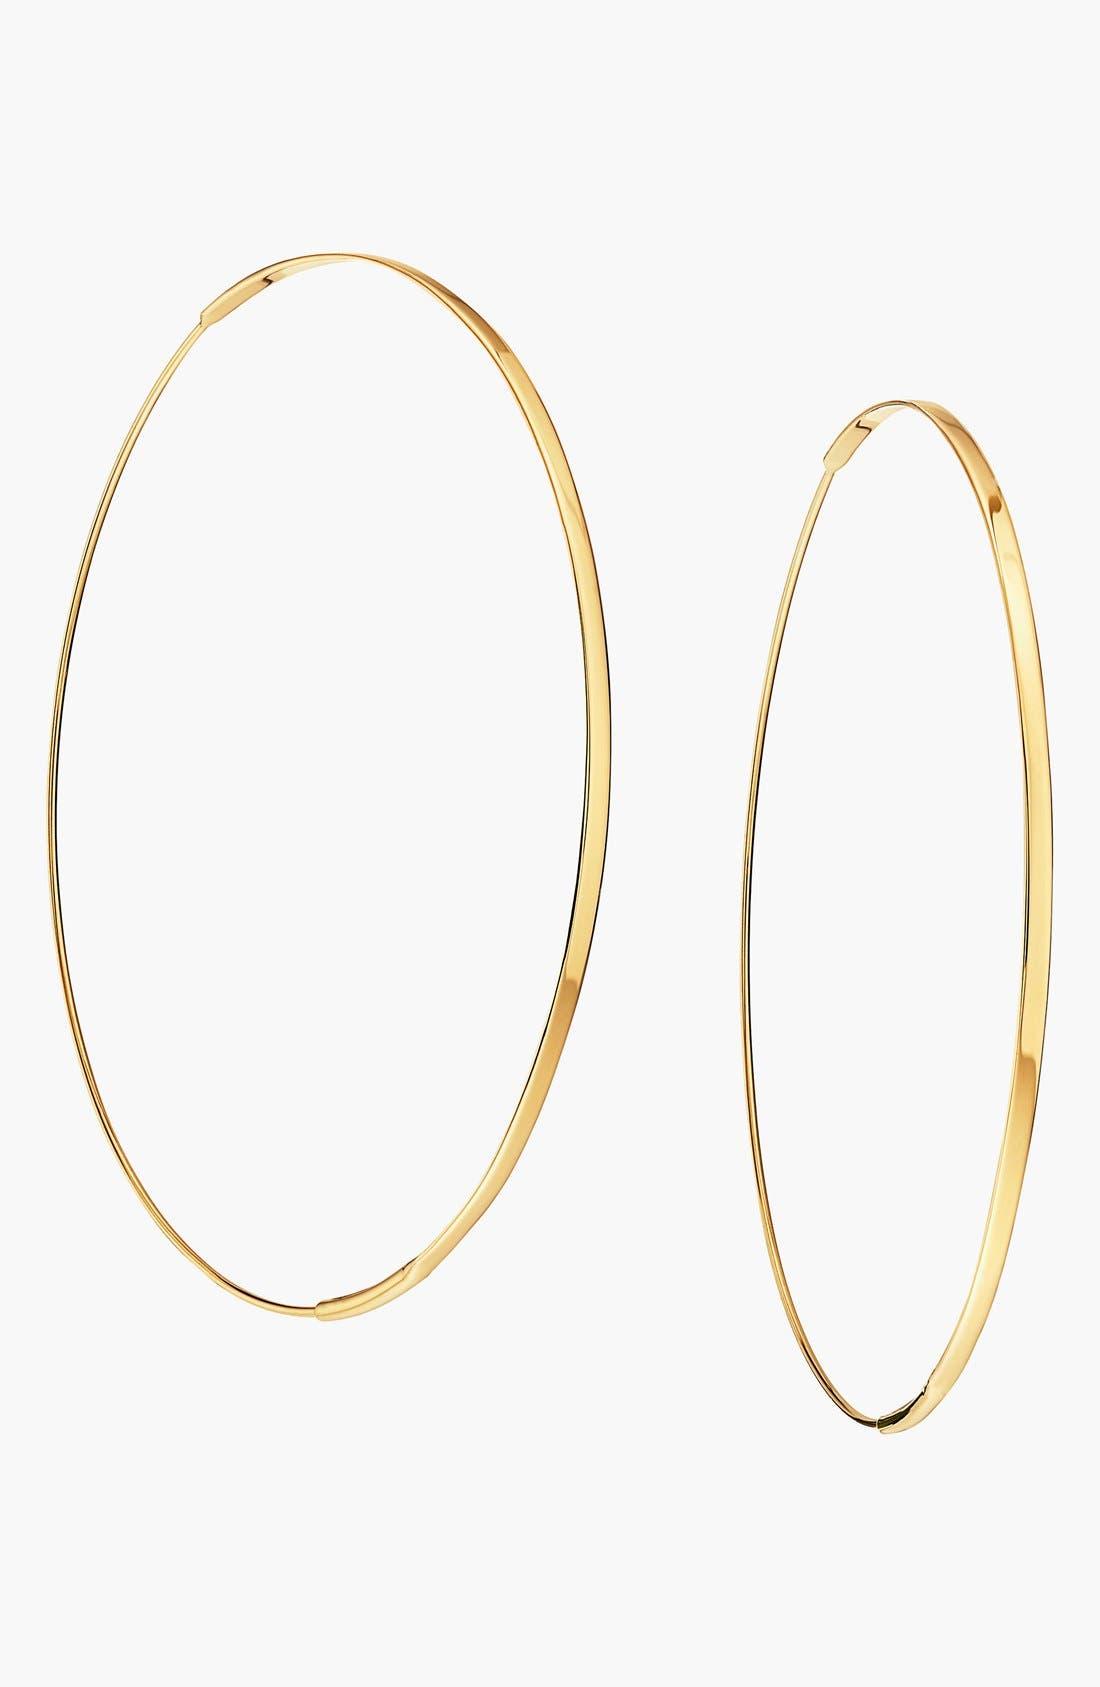 'Large Flat Magic' Hoop Earrings,                             Main thumbnail 1, color,                             YELLOW GOLD